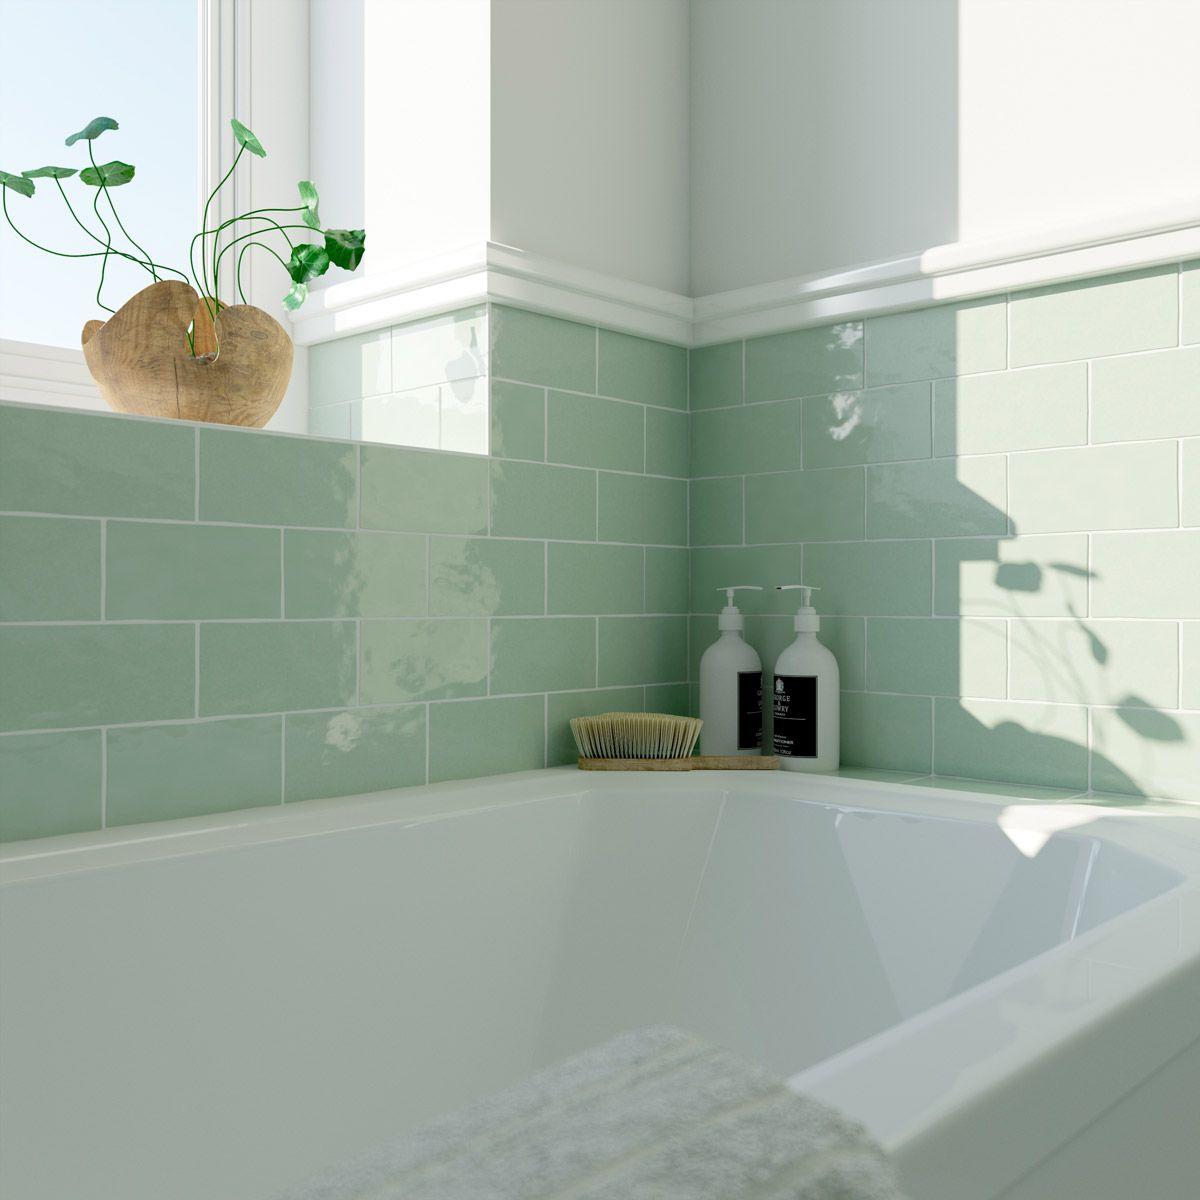 Laura Ashley Artisan Eau De Nil Green Gloss Wall Tile 75mm